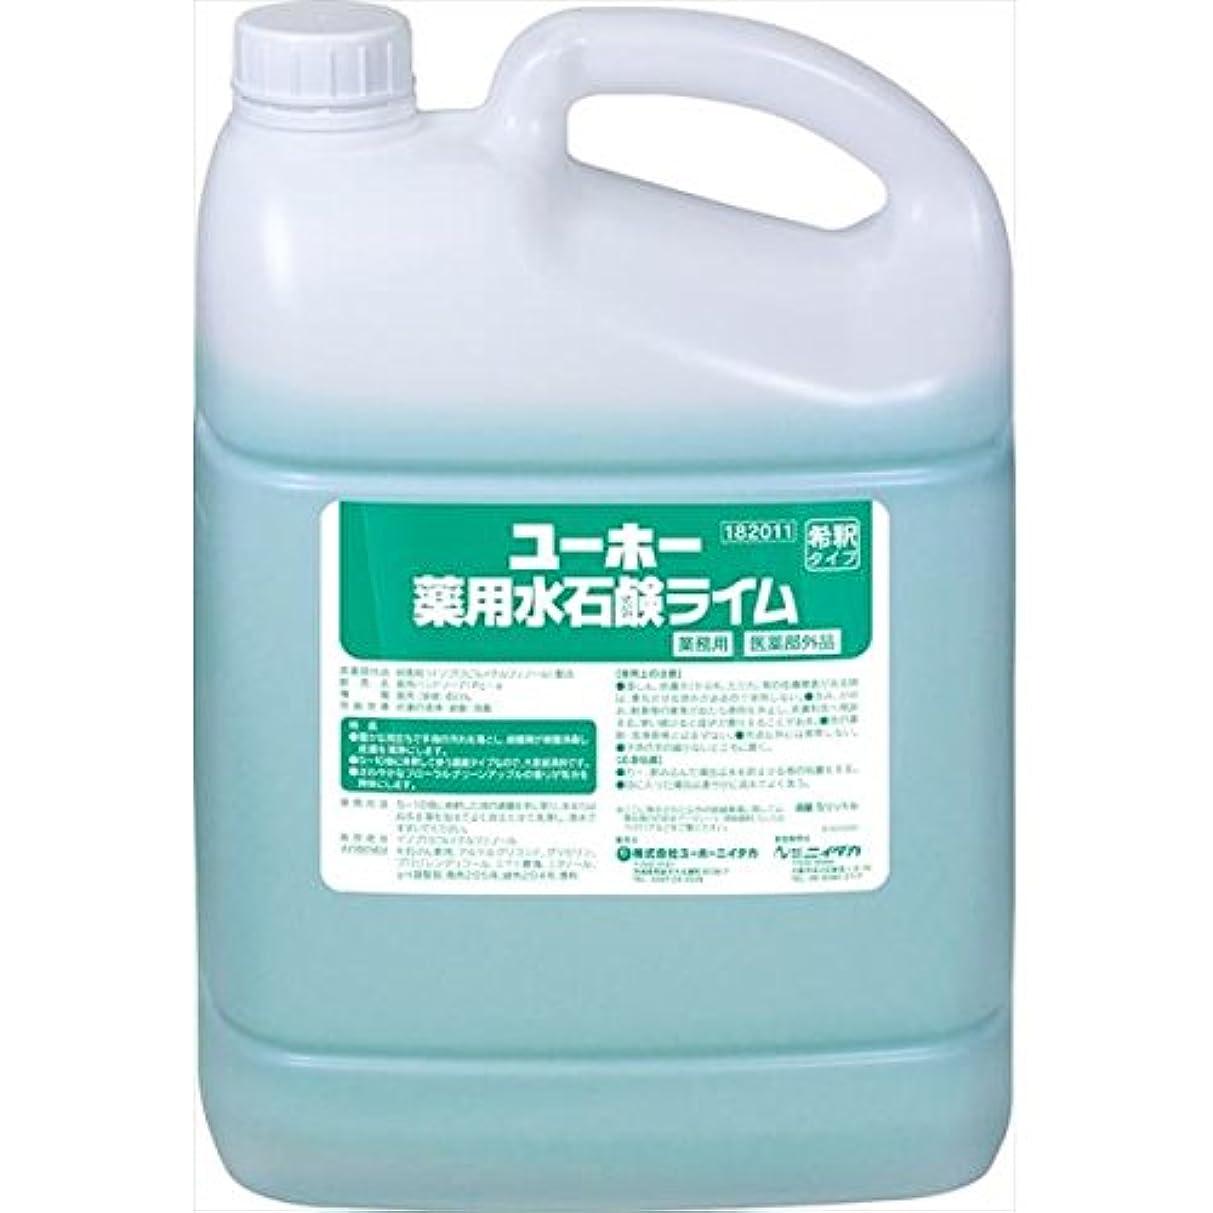 ウェイター本物上昇ユーホーニイタカ:薬用水石鹸ライム 5L×2 182011